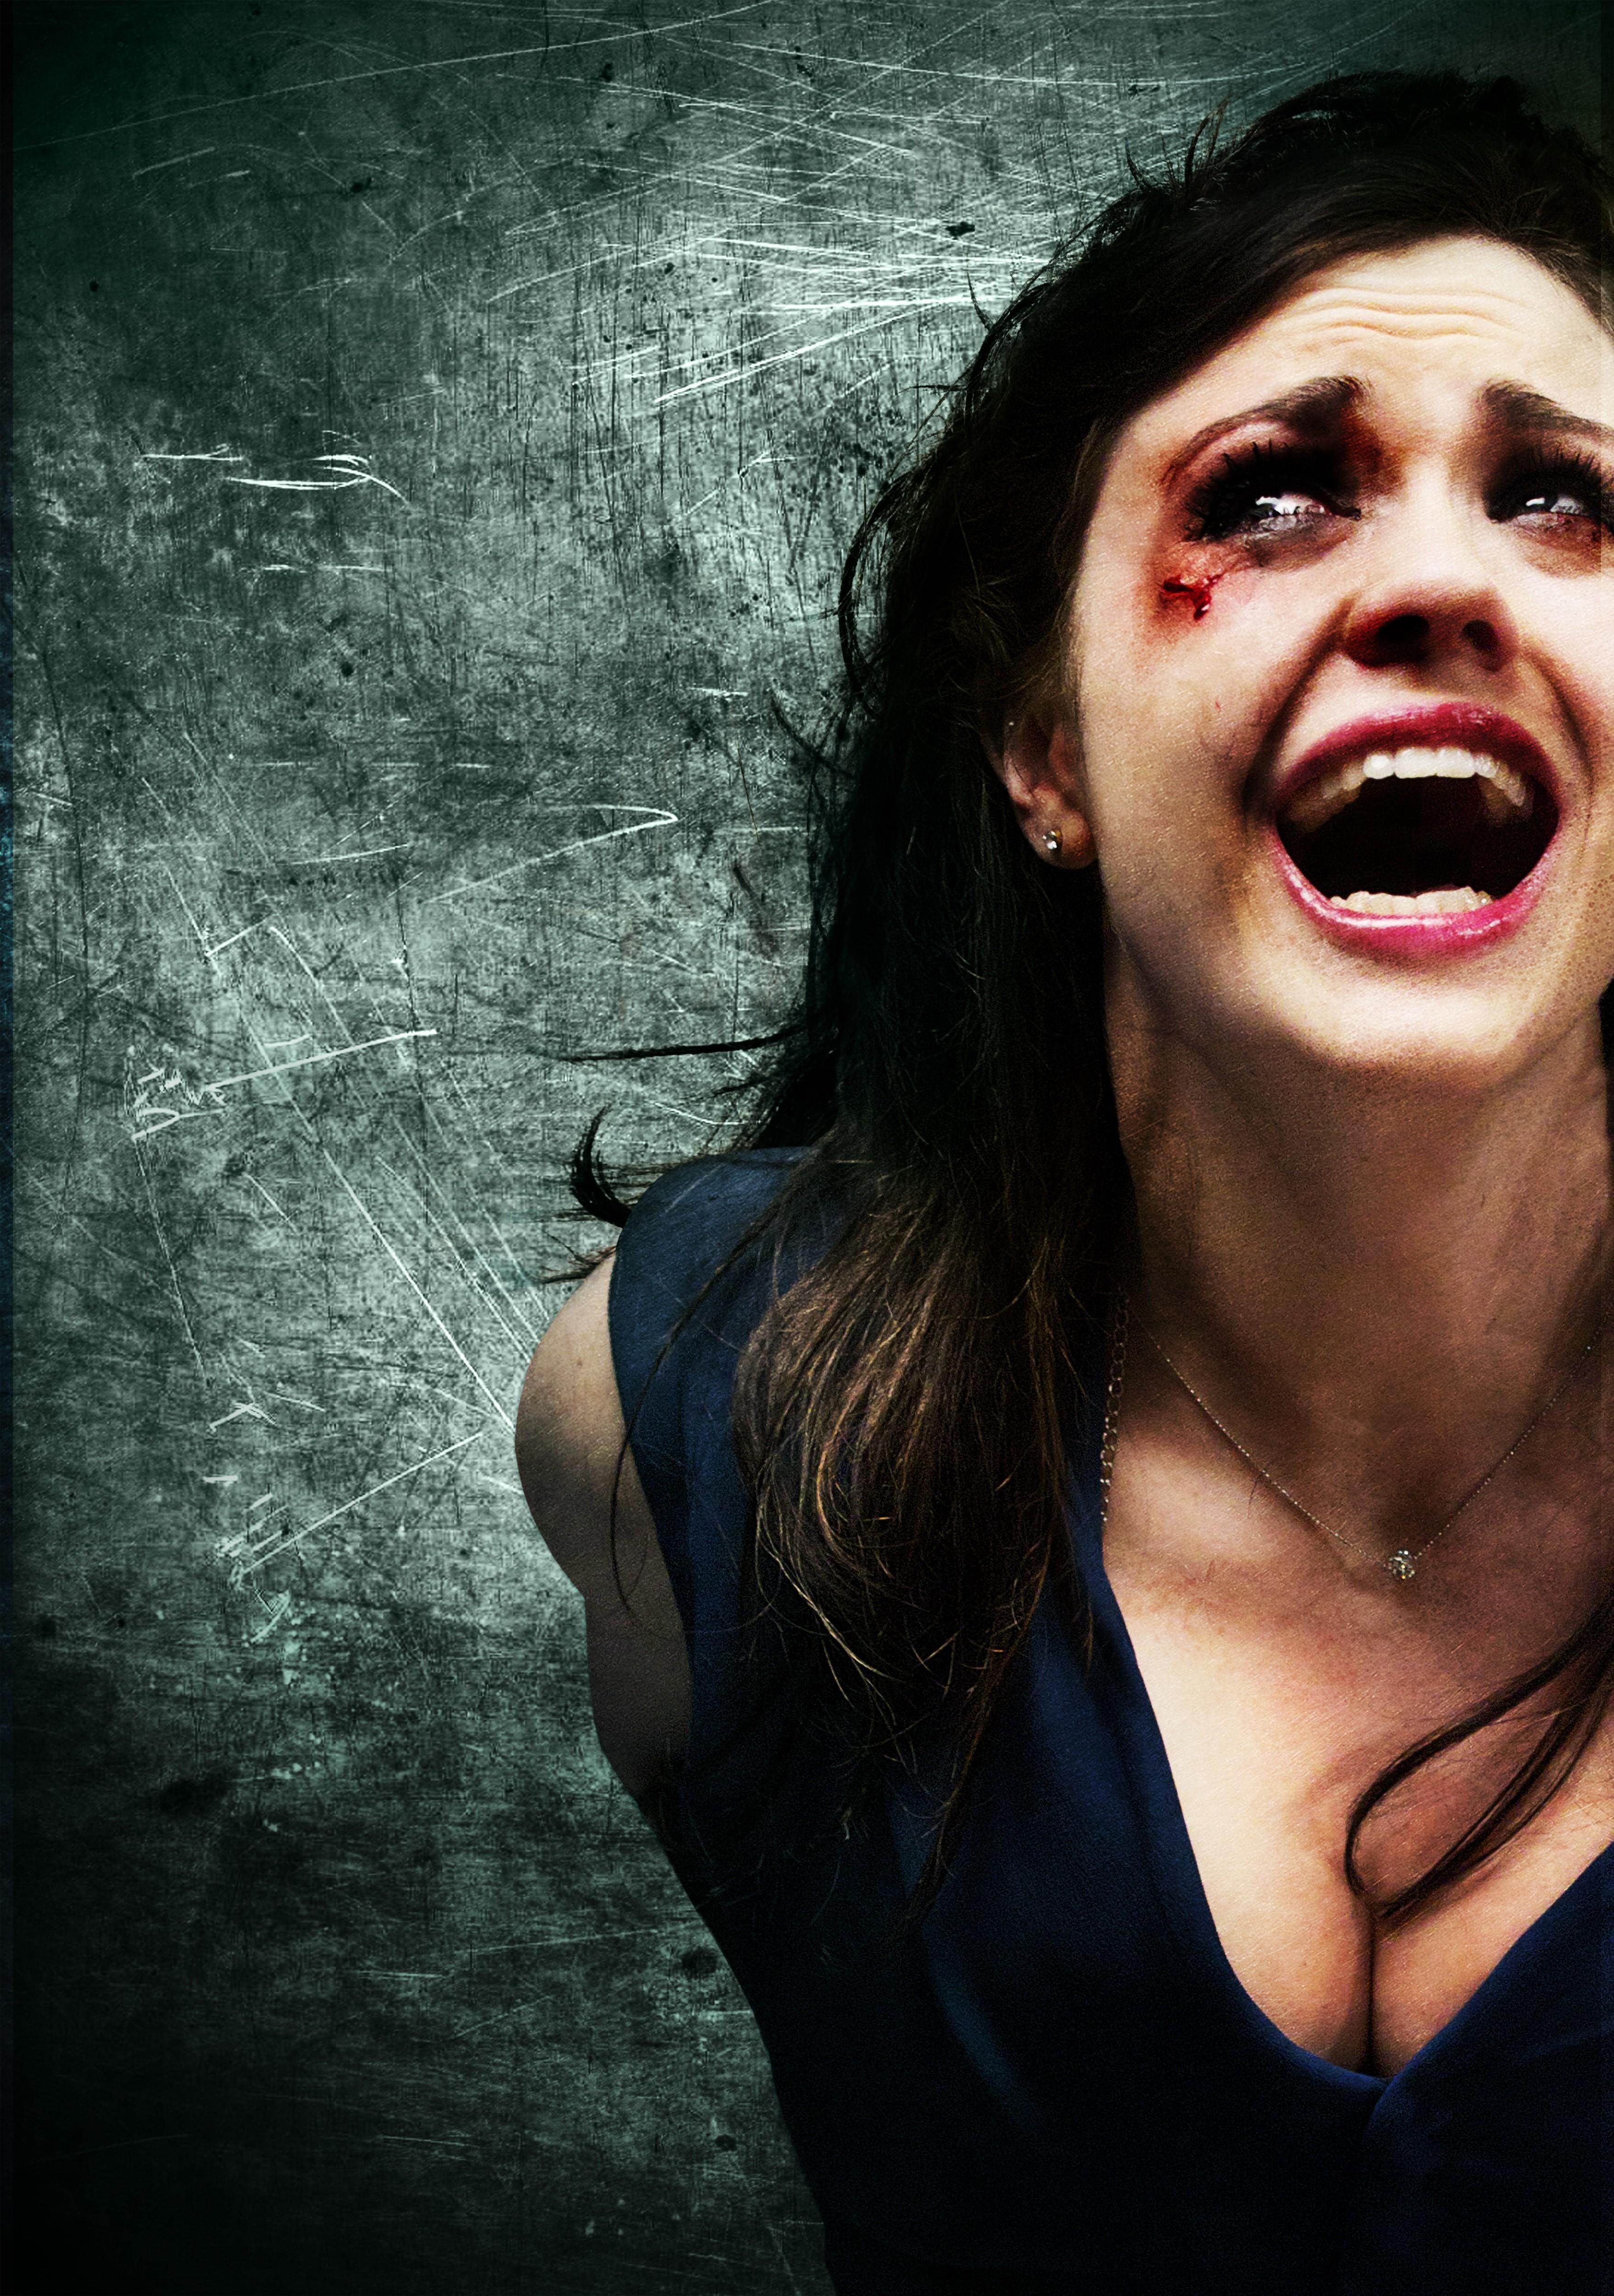 плакат фильма постер textless Играй до смерти